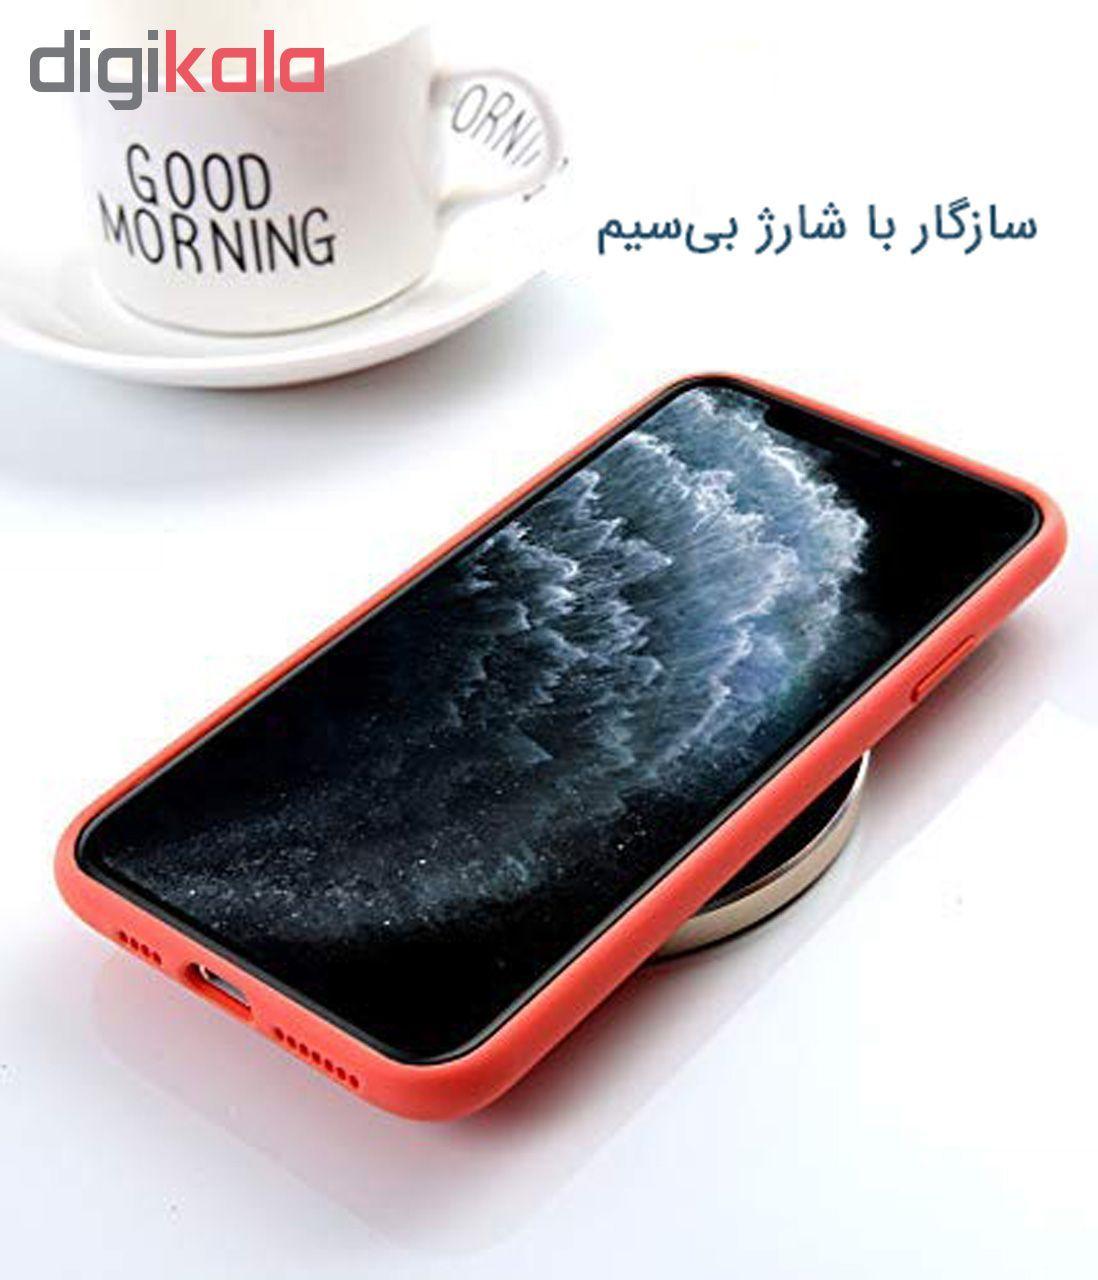 کاور وی کیس مدل Si01 مناسب برای گوشی موبایل اپل iPhone XS Max main 1 7